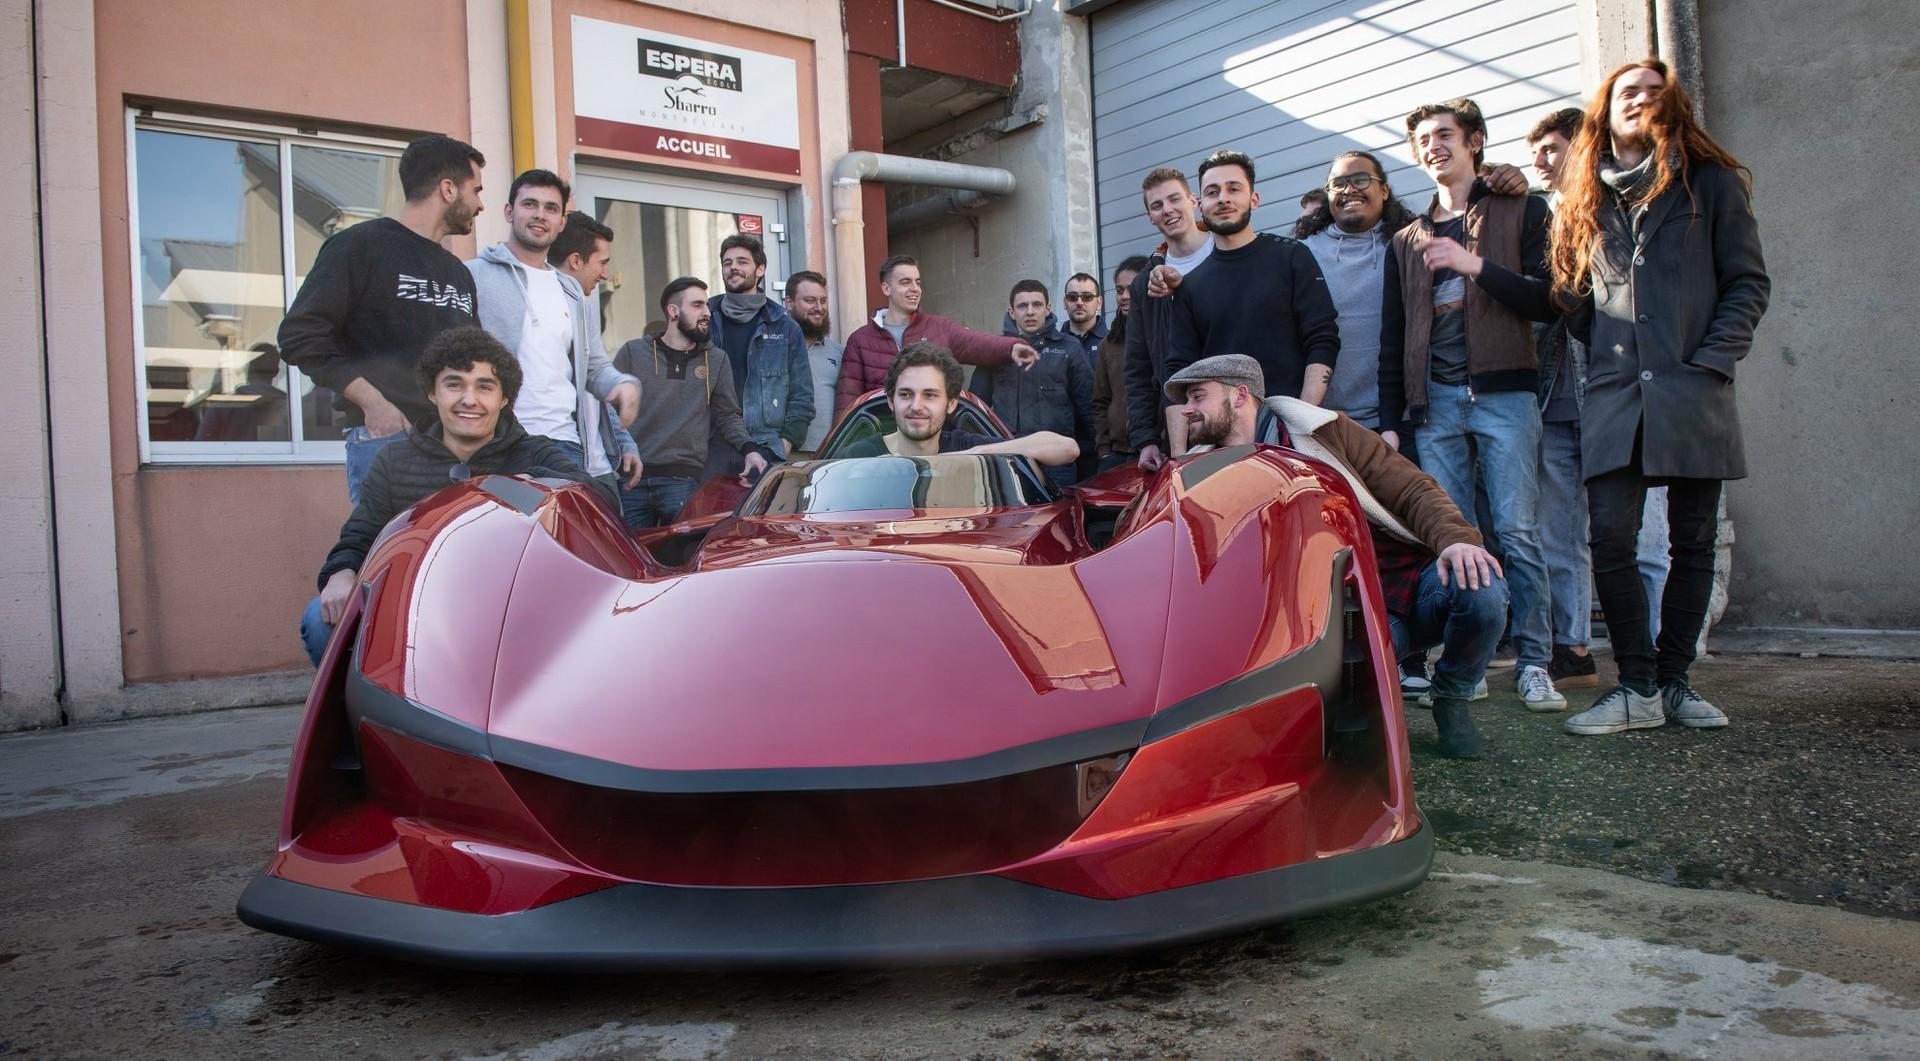 Espera-Sbarro-Saetta-Concept-2